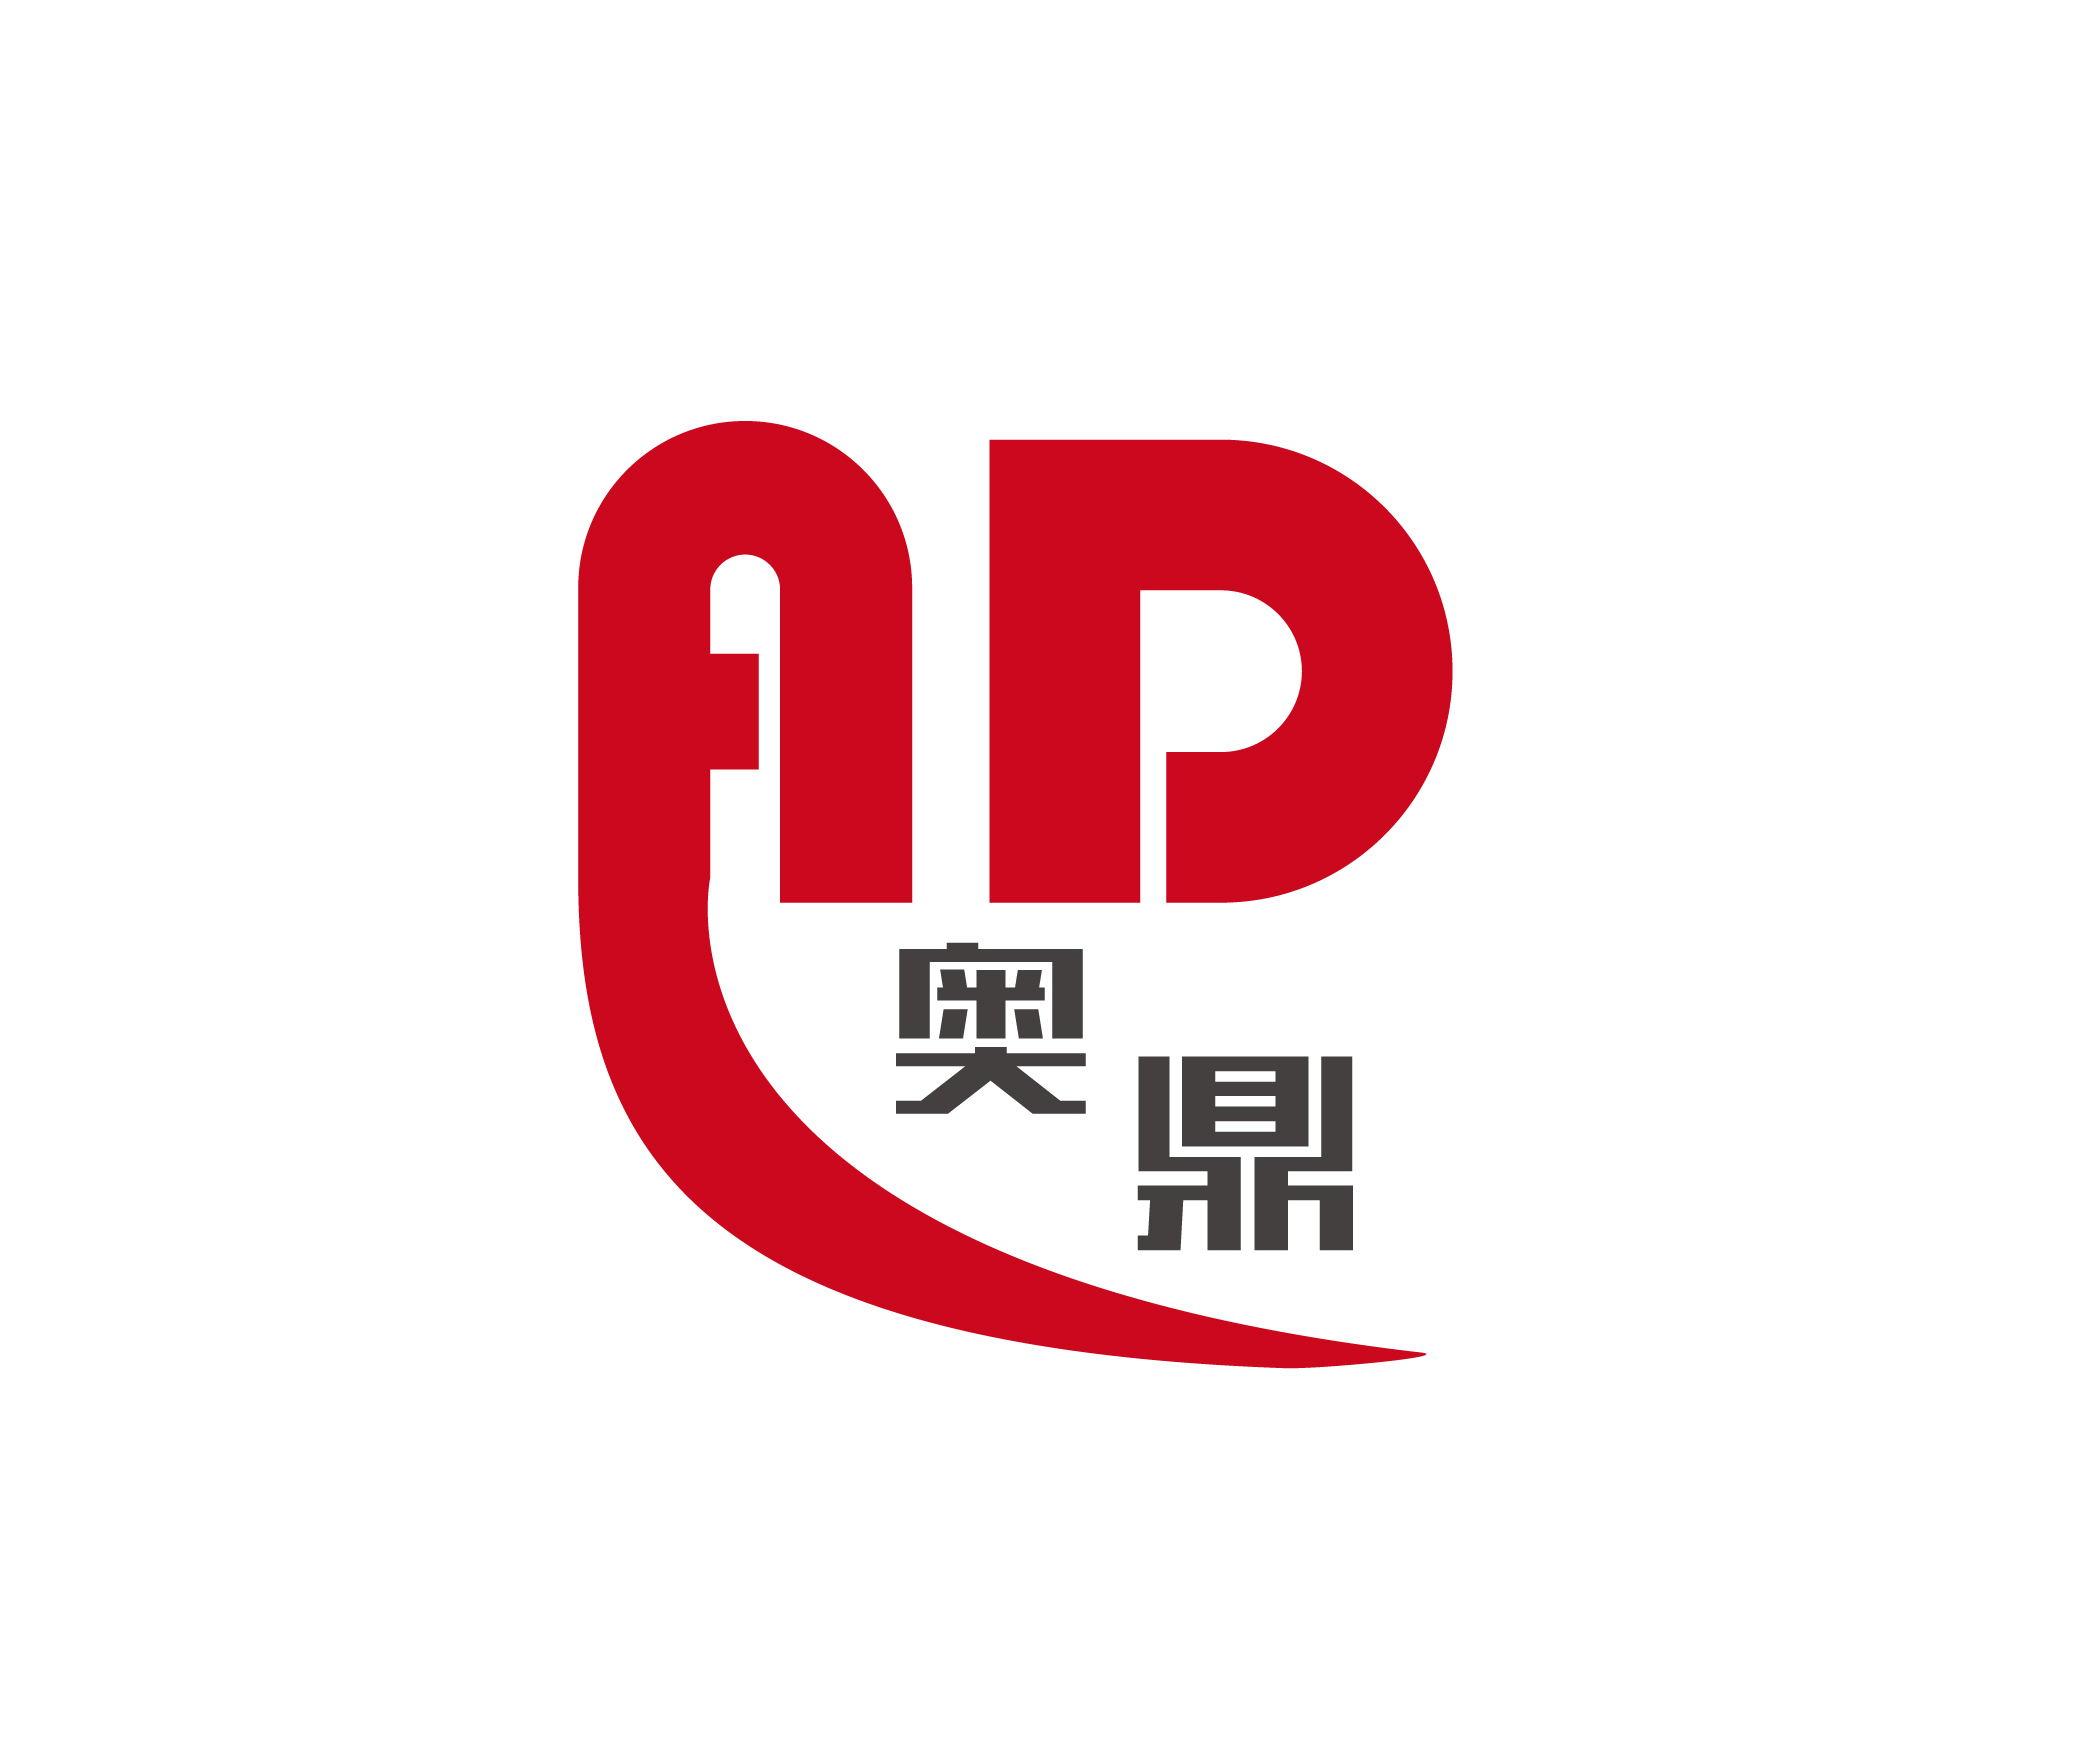 碧水半岛logo